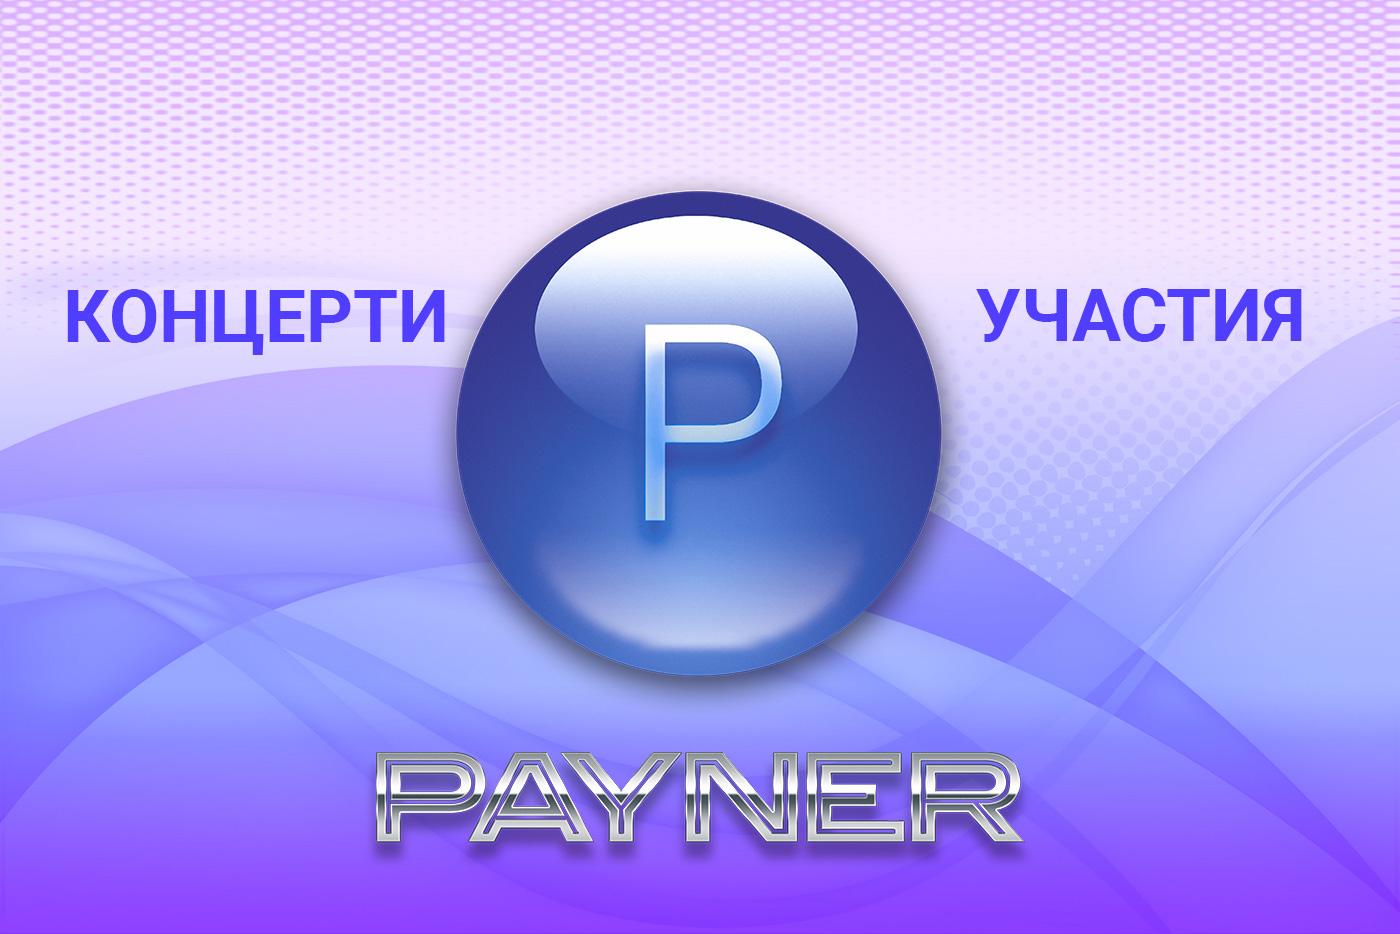 """Участия на звездите на """"Пайнер"""" на 13.03.2019"""